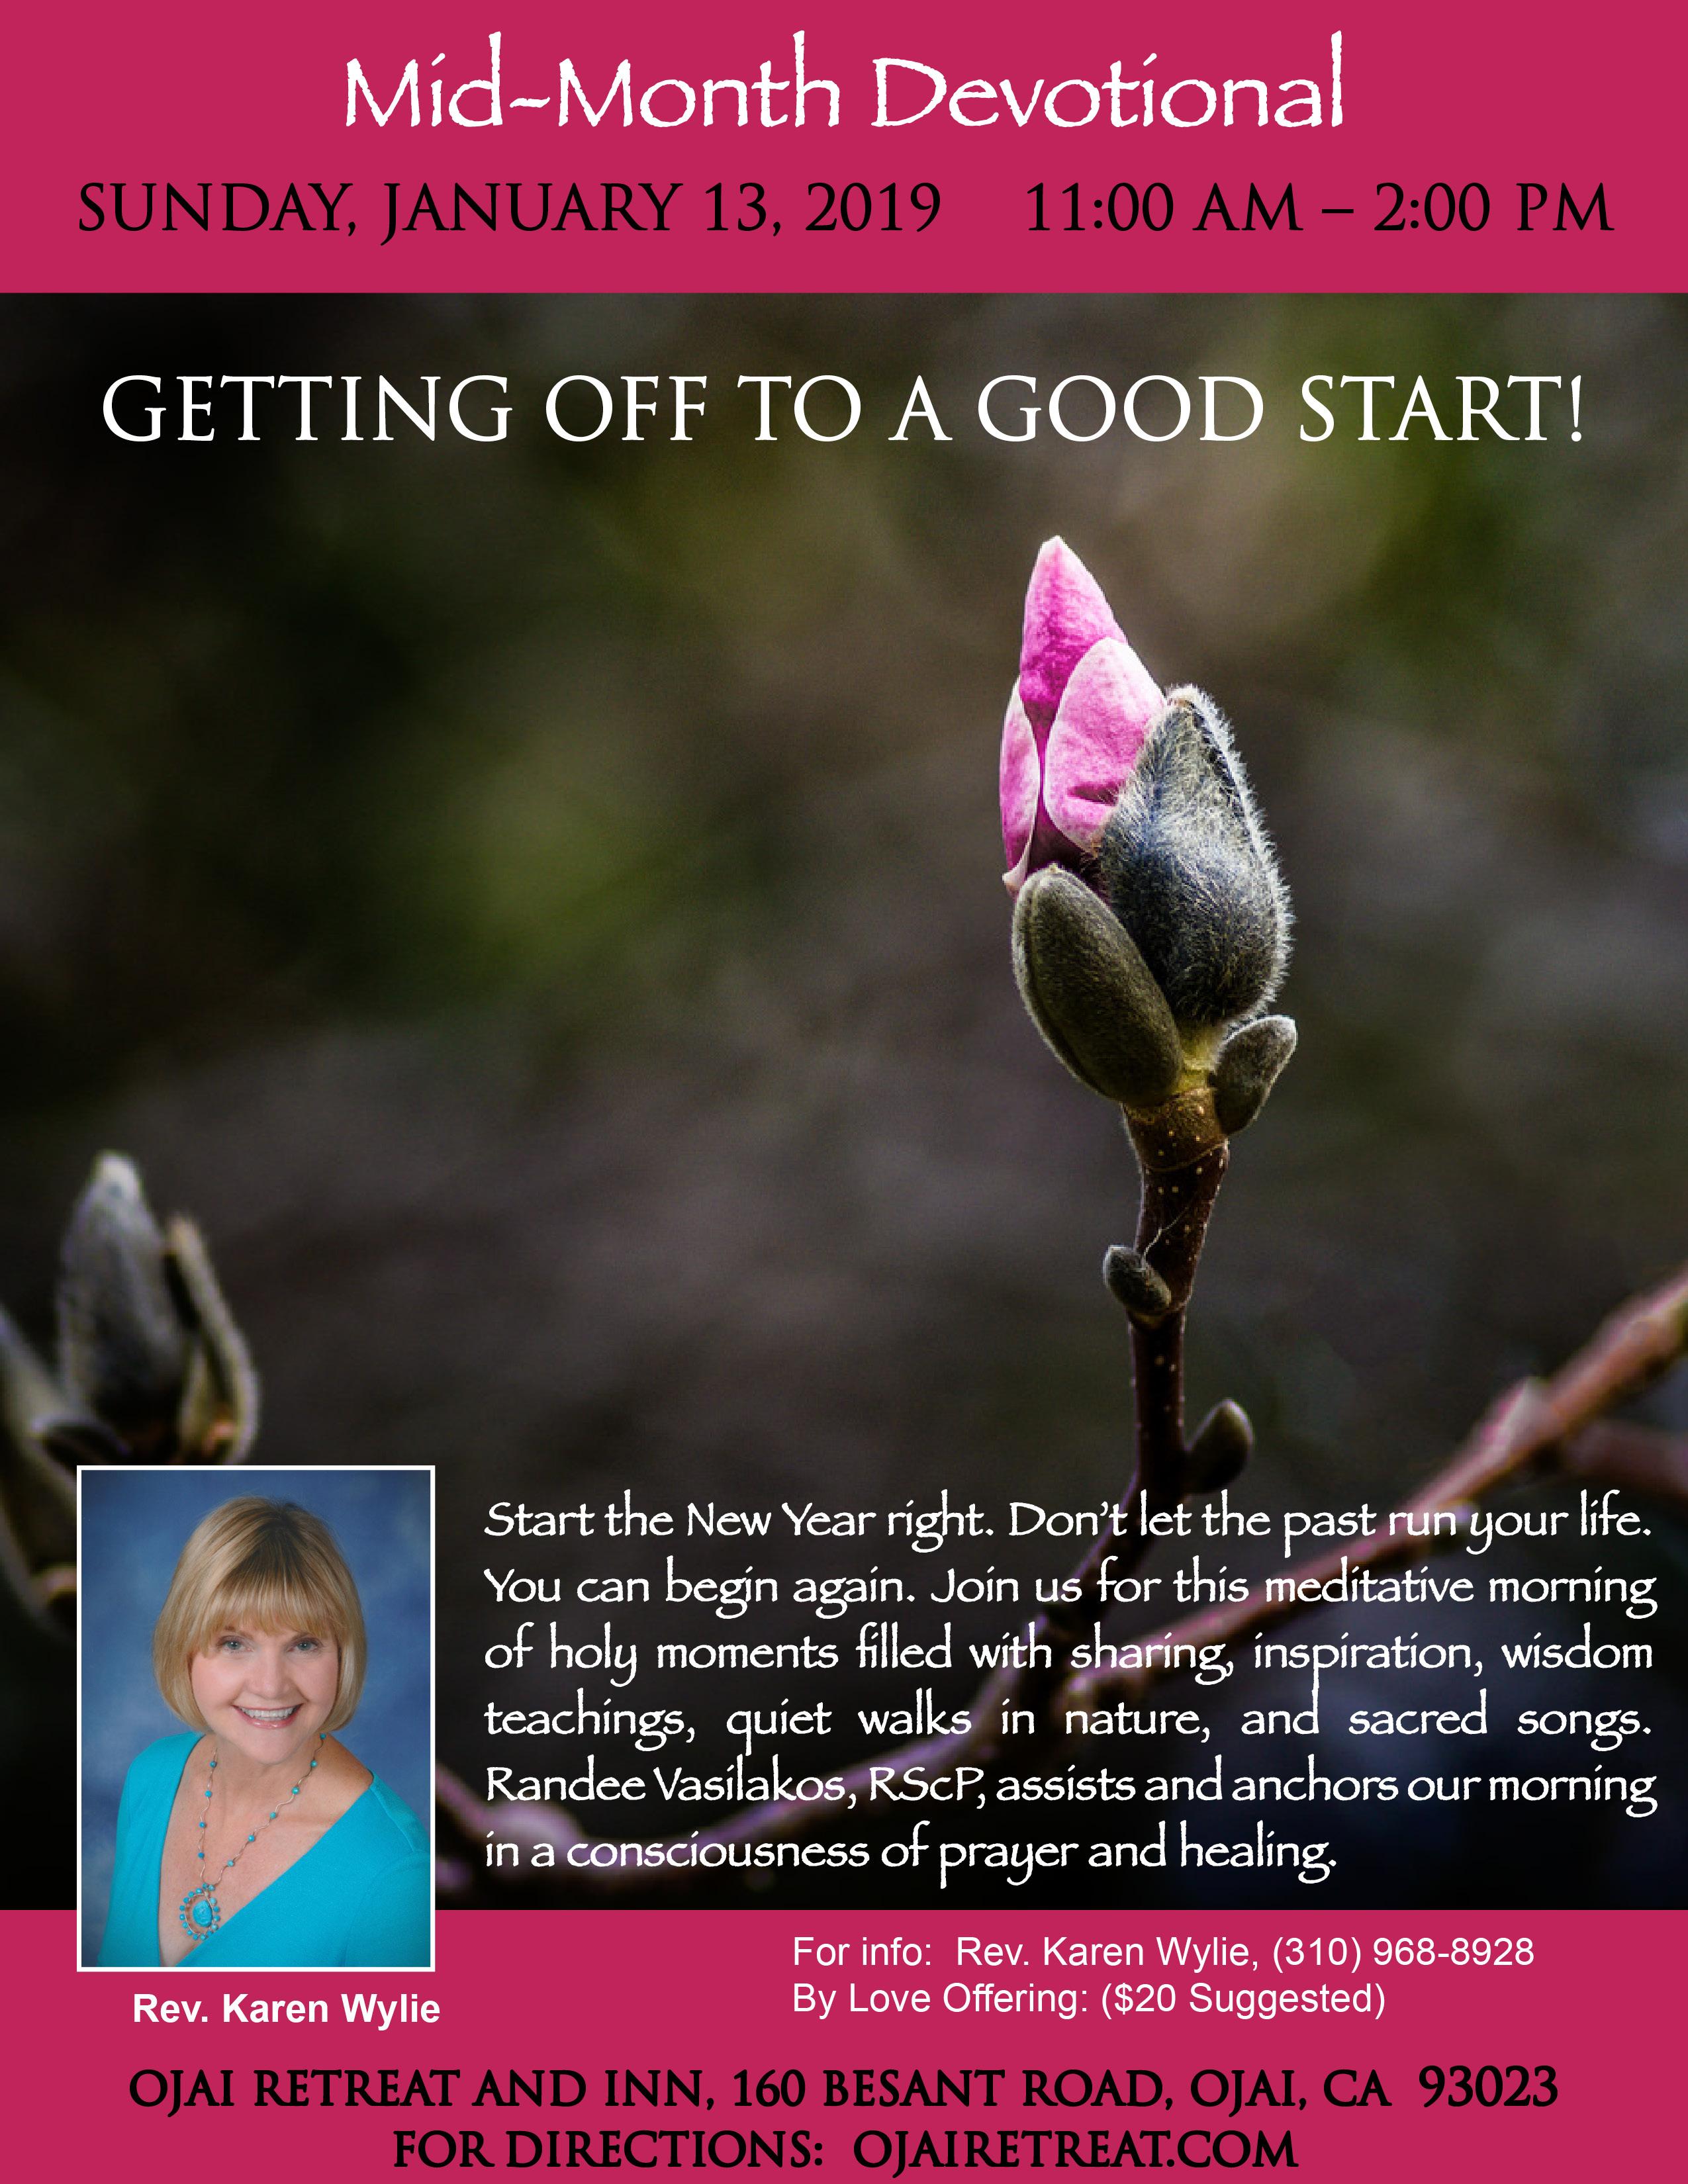 Rev. Karen's monthly devotional retreat for January